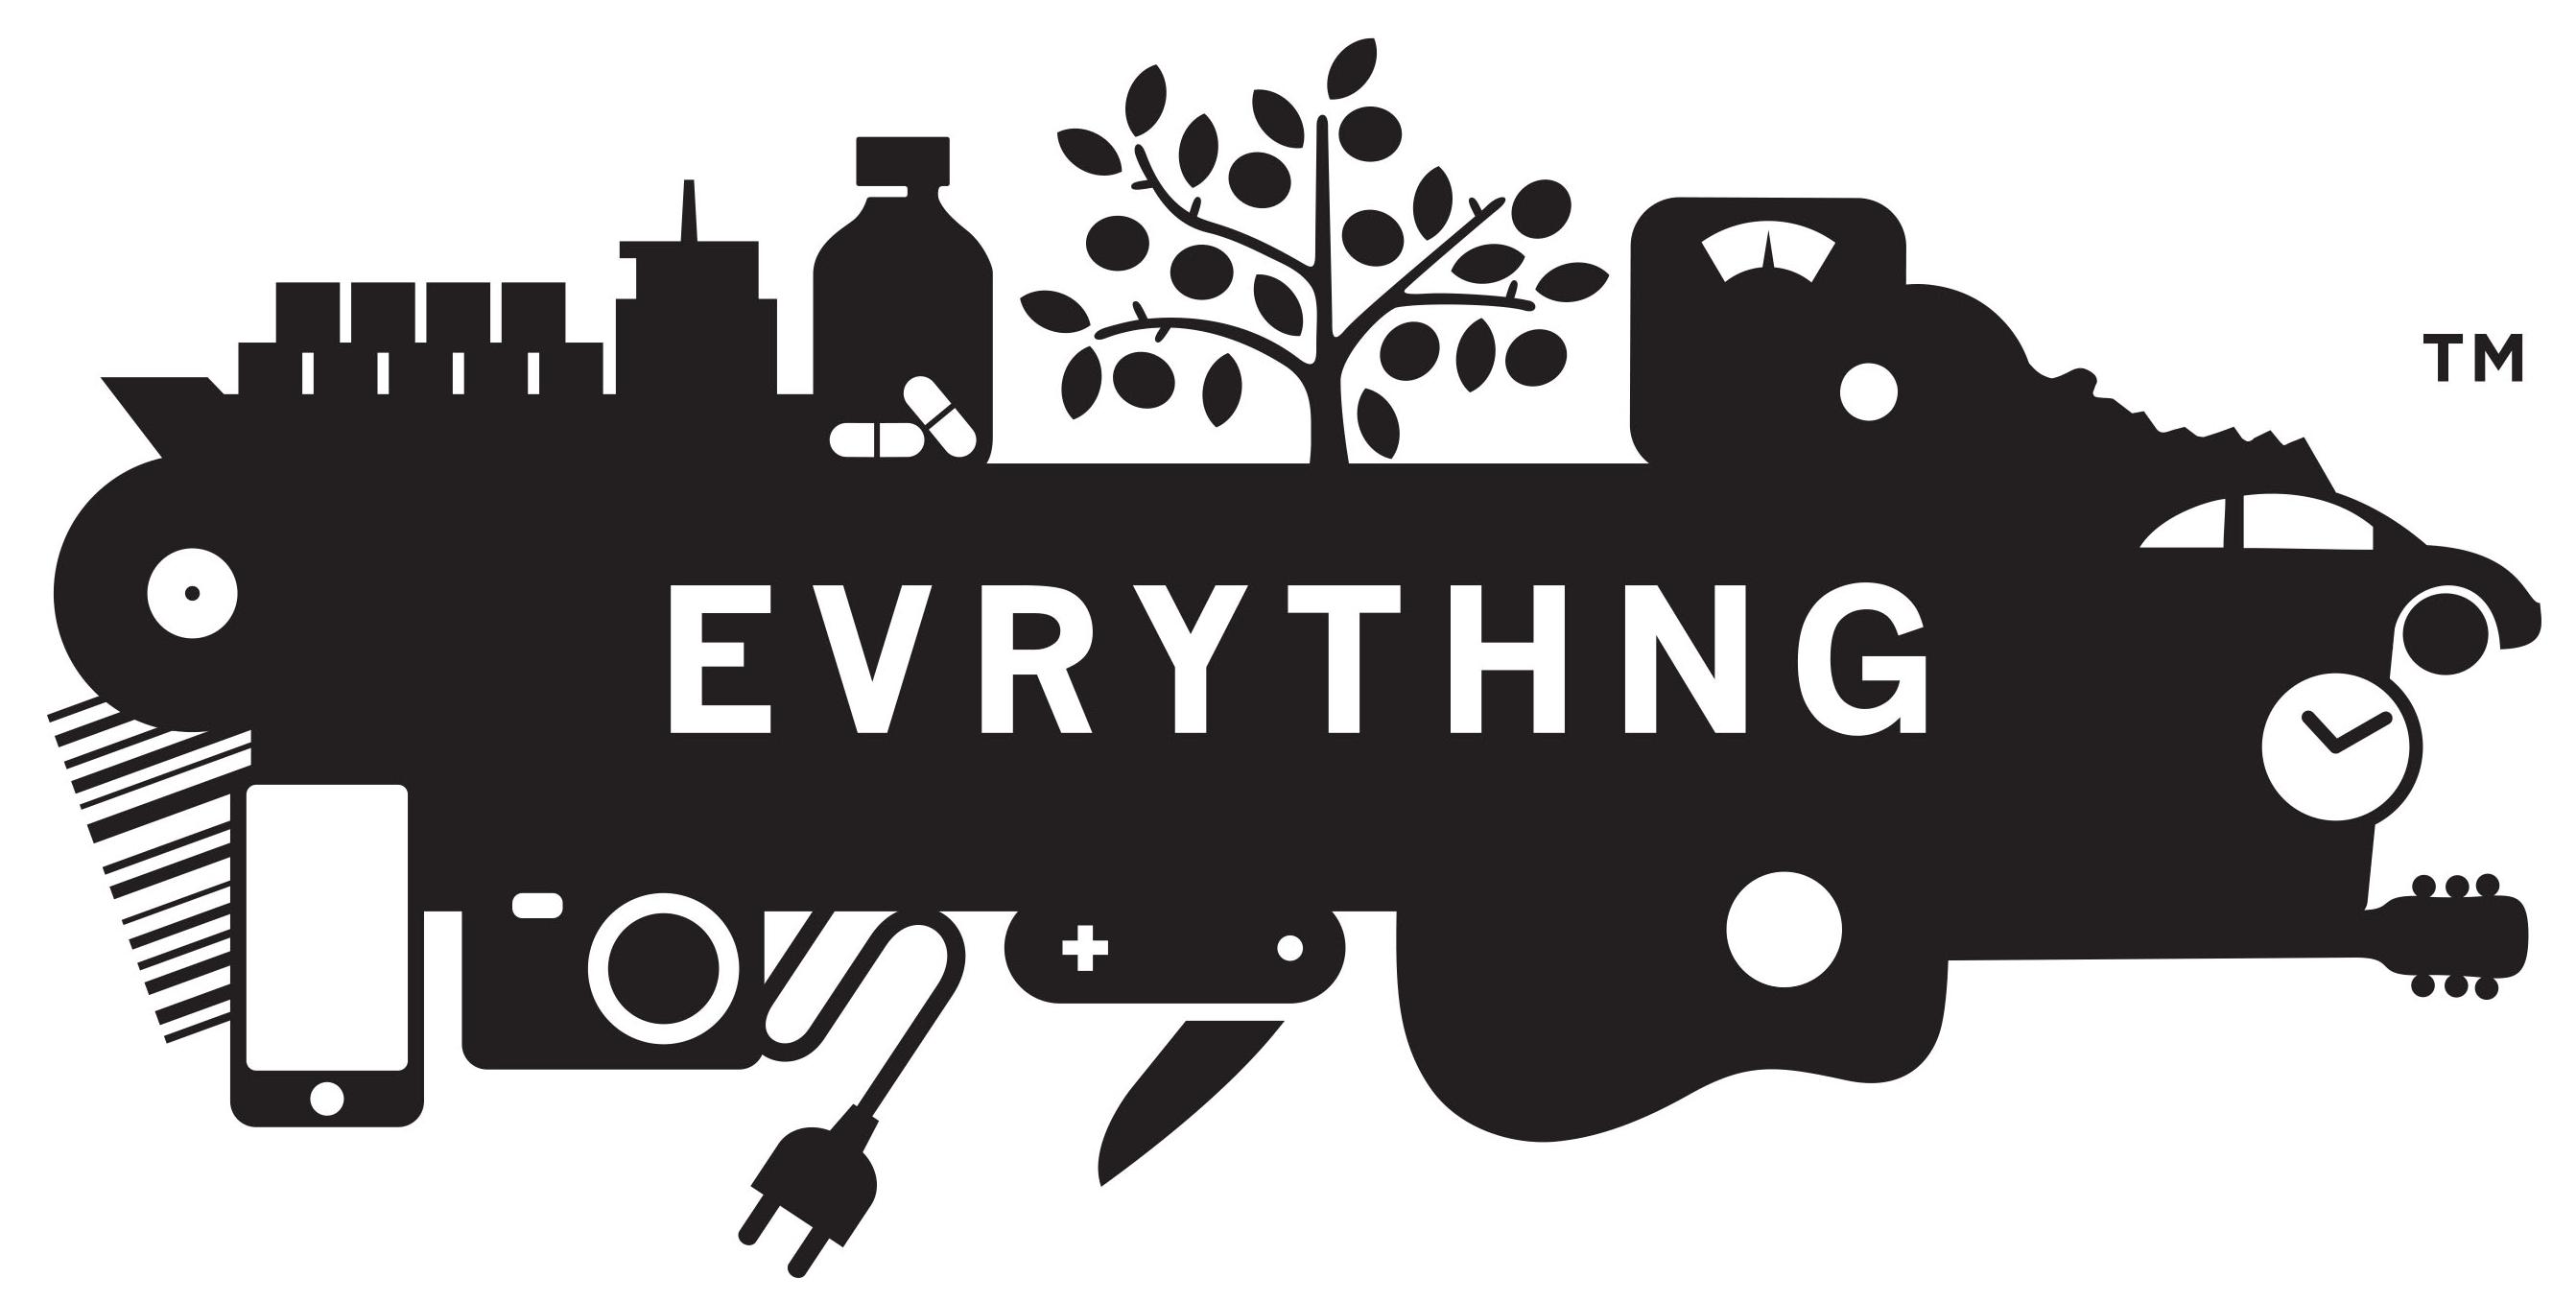 IOTA y EVRYTHNG se alían para desarrollar aplicaciones IoT